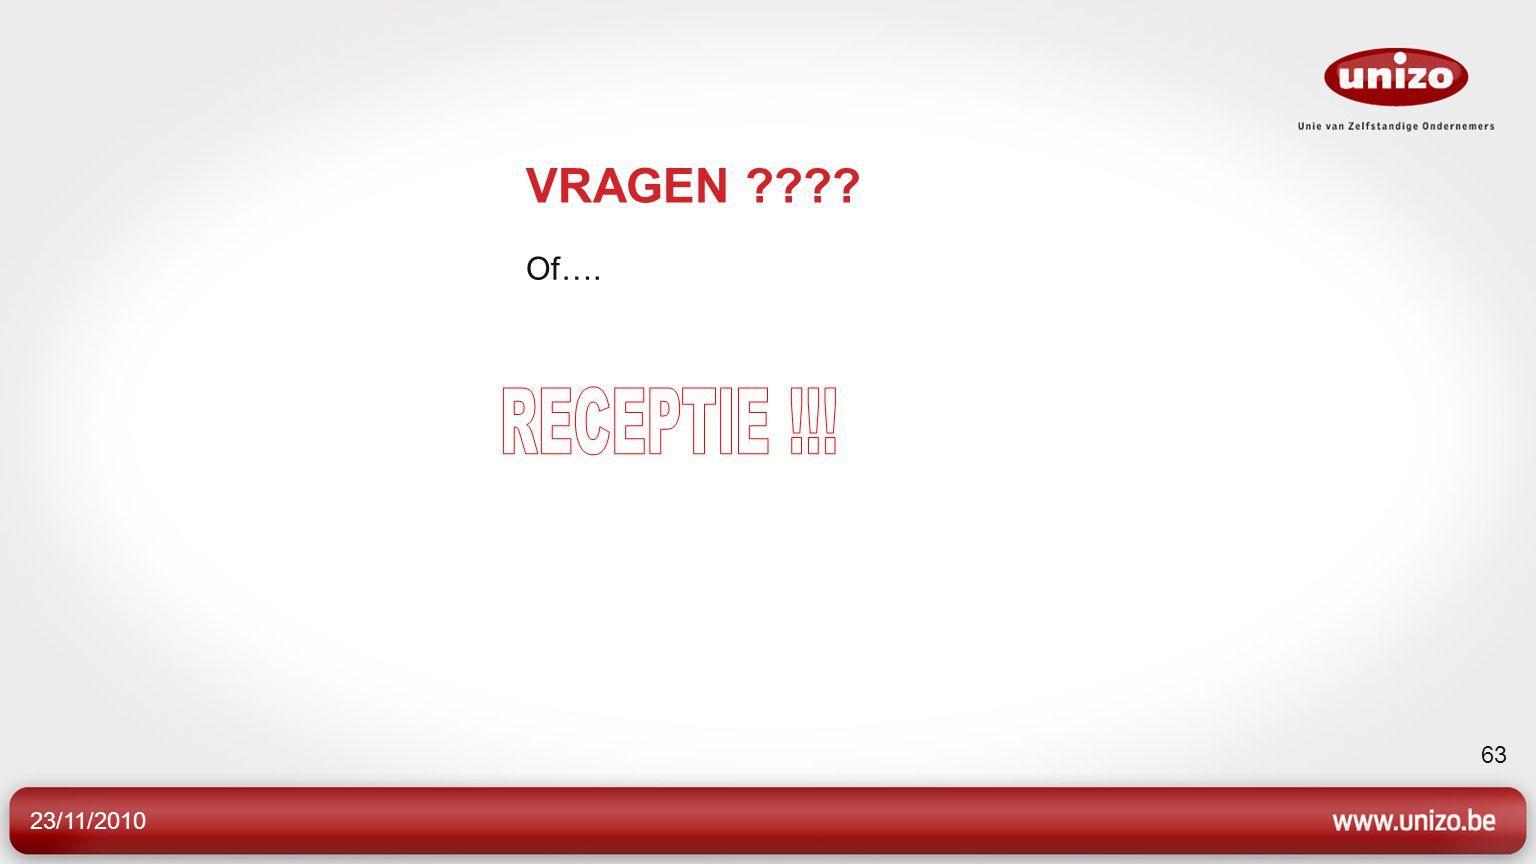 VRAGEN Of…. RECEPTIE !!! 23/11/2010